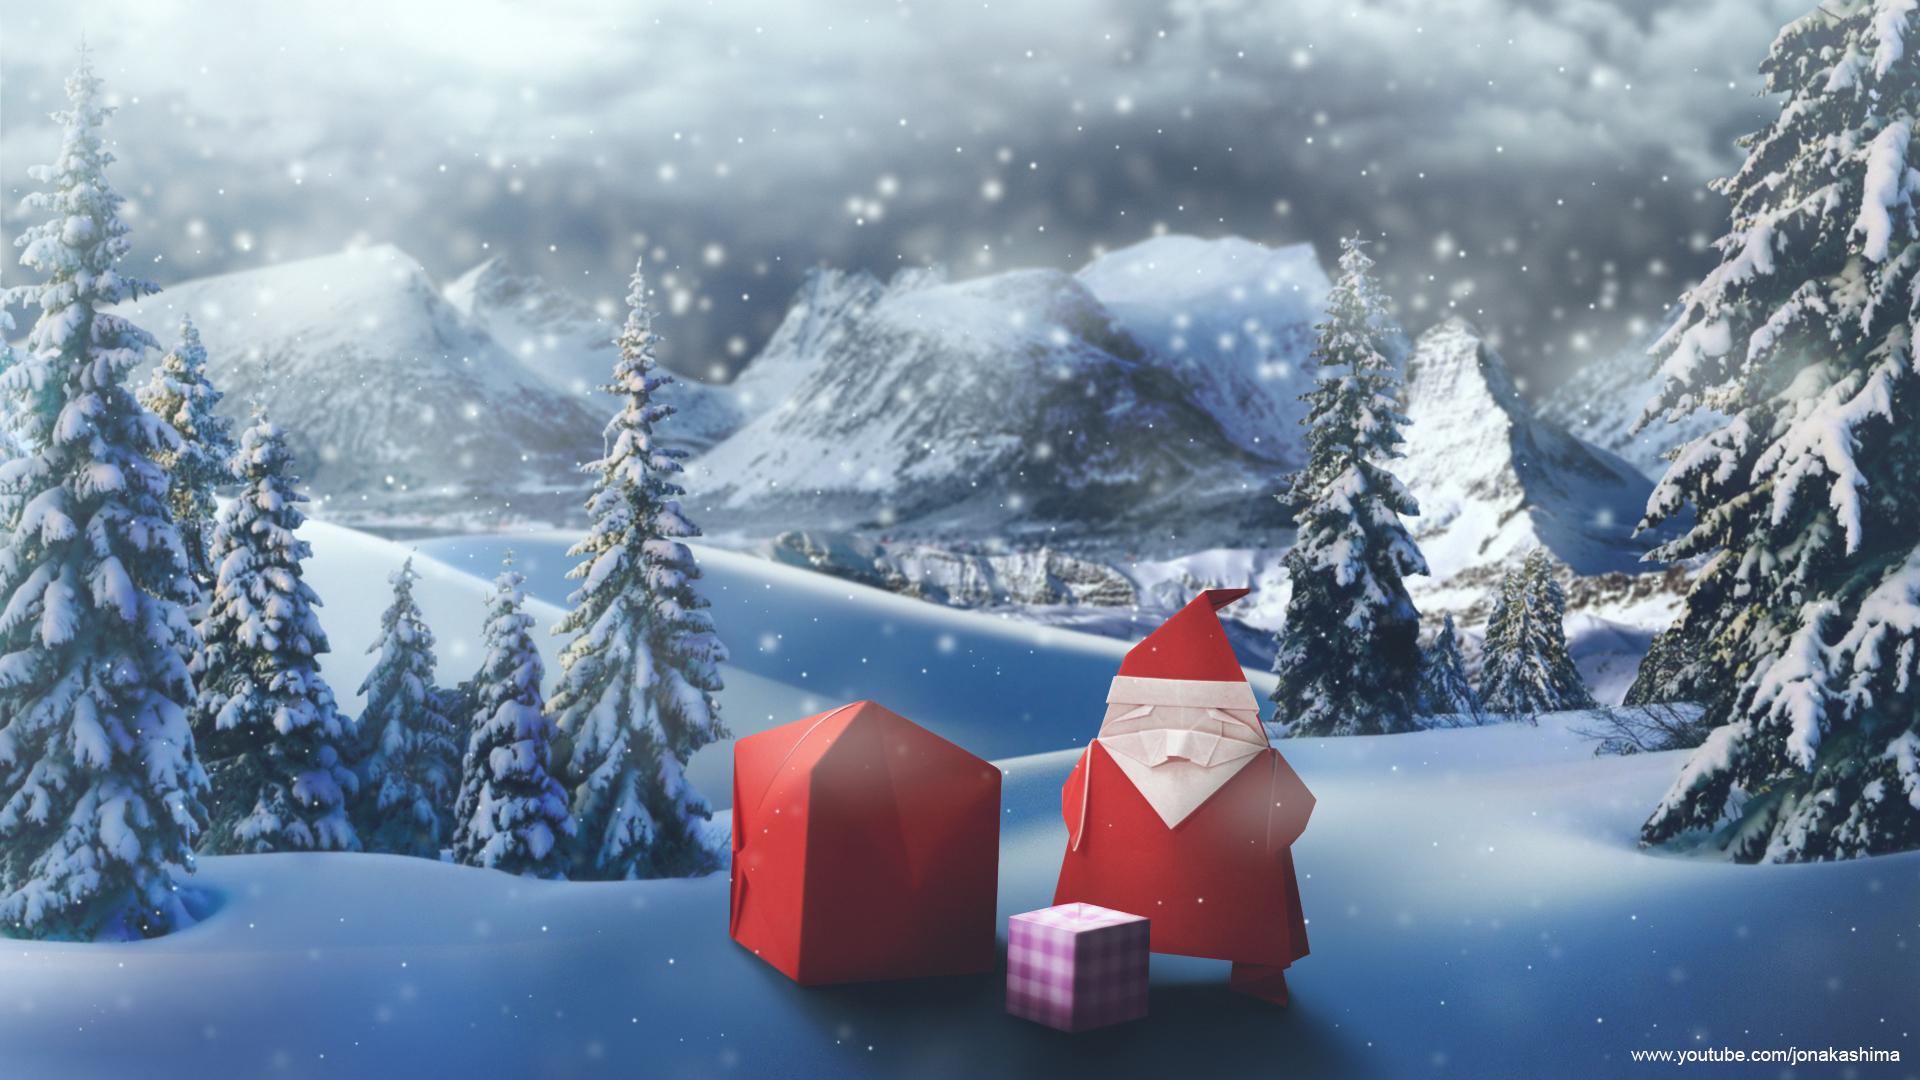 origami santa claus wallpaper jo nakashima